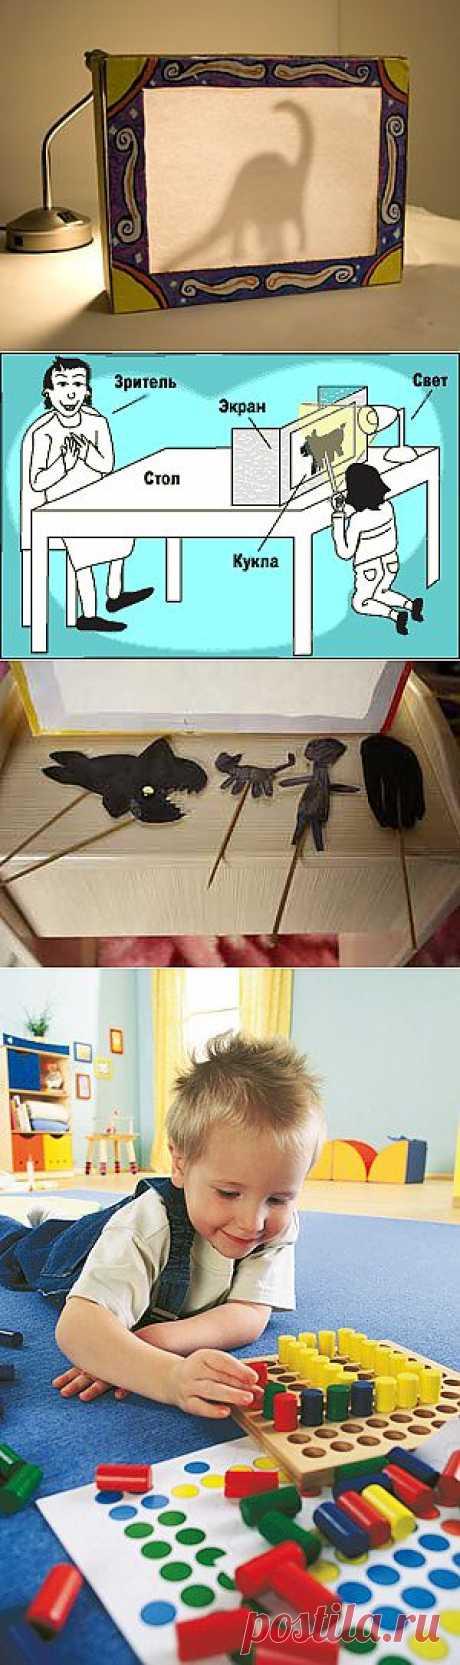 театр теней для ребенка